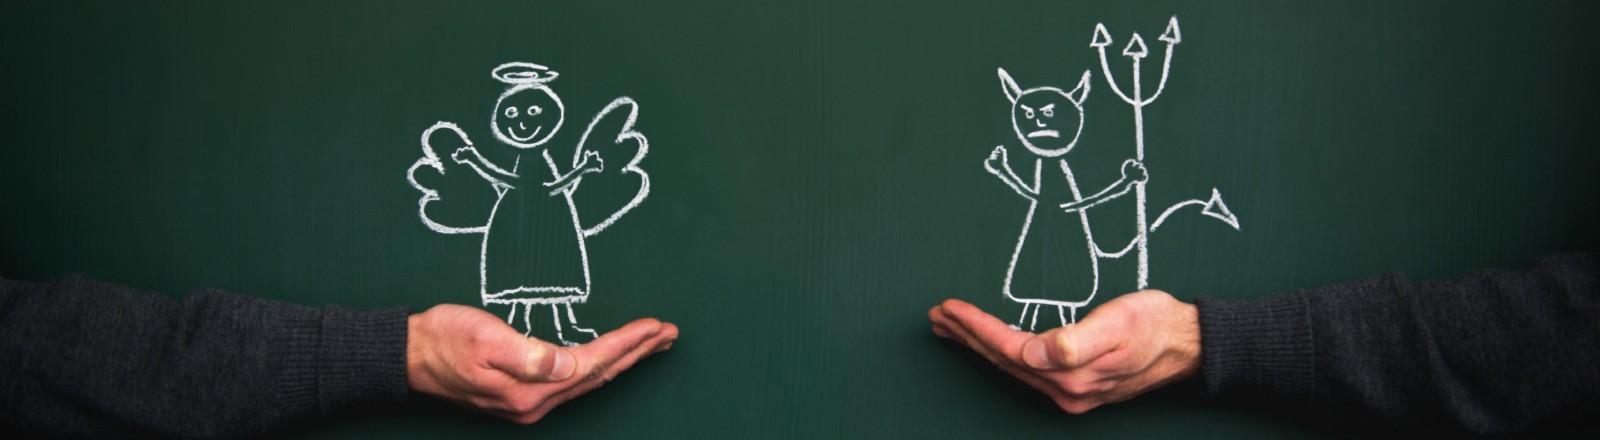 Engel und Teufel auf eine Tafel gemalt.